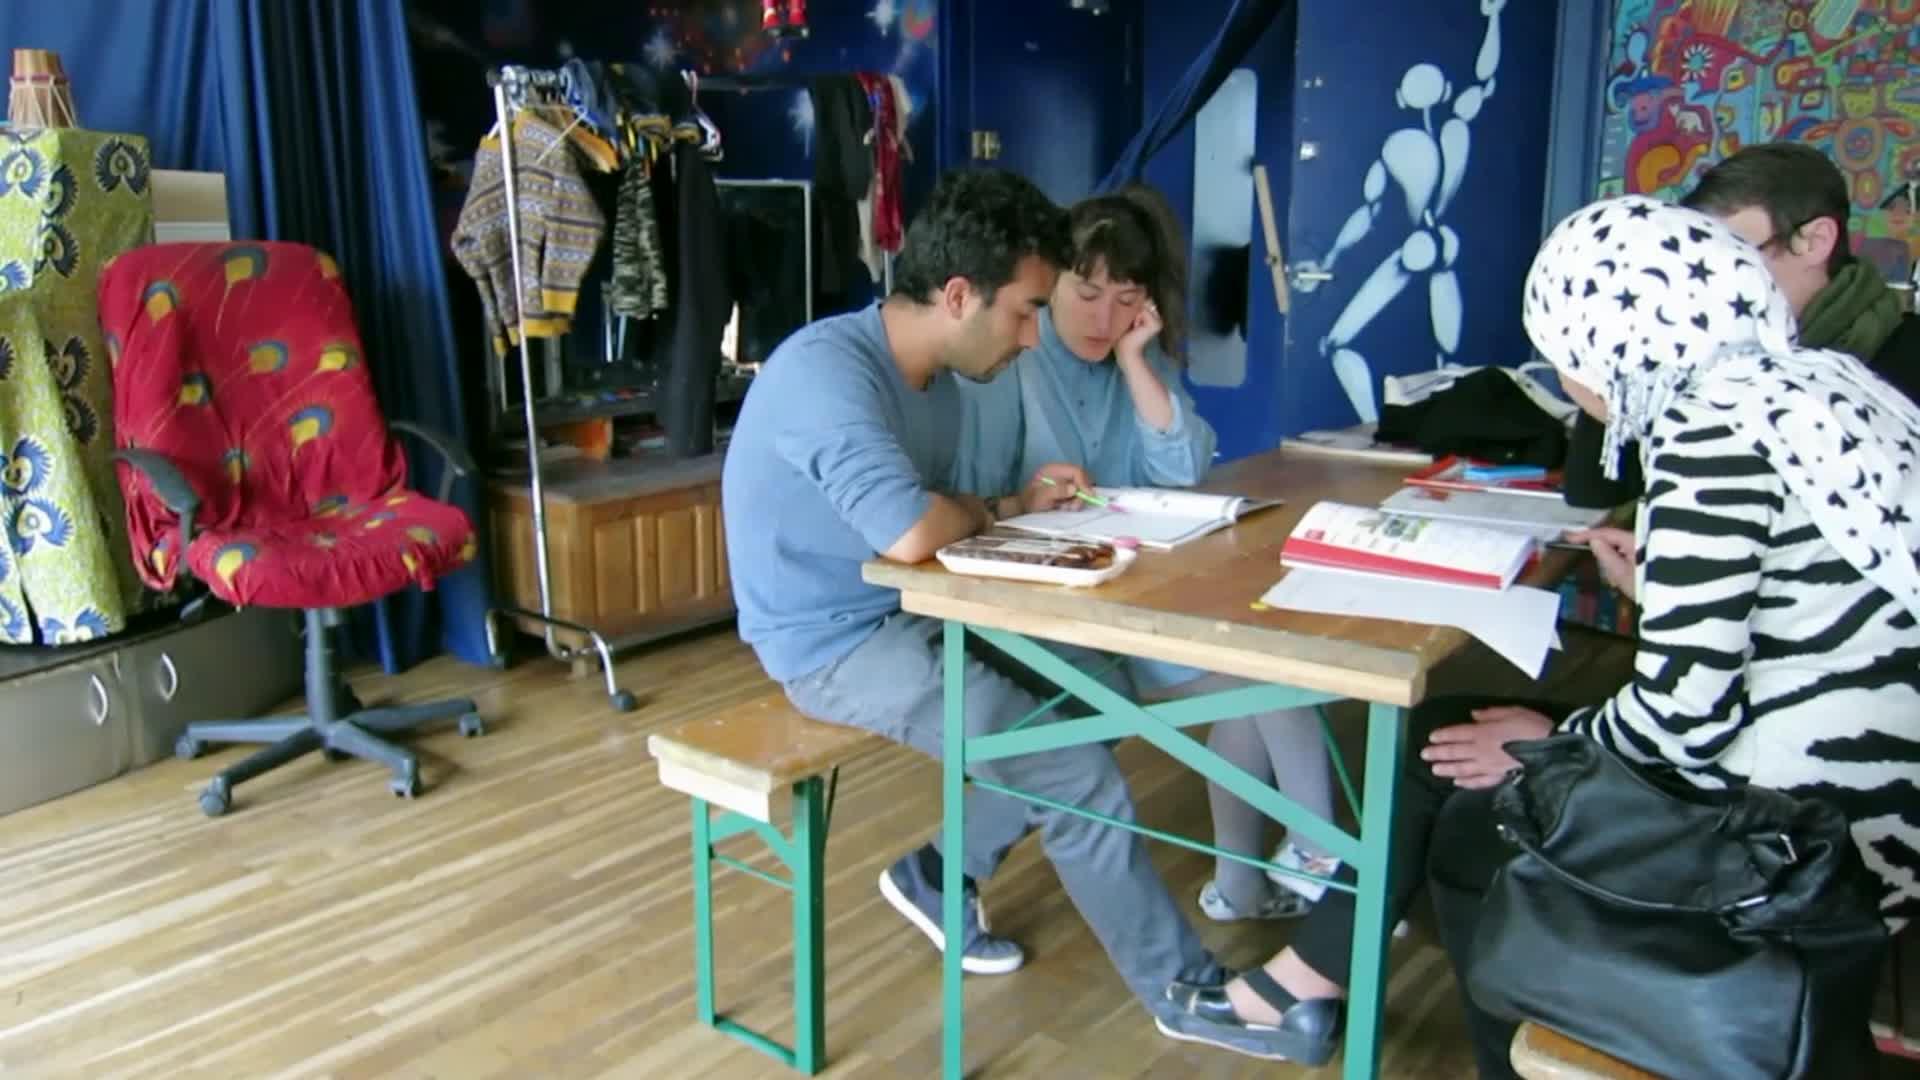 Le français, langue d'arrivée des réfugiés - Hélène en France